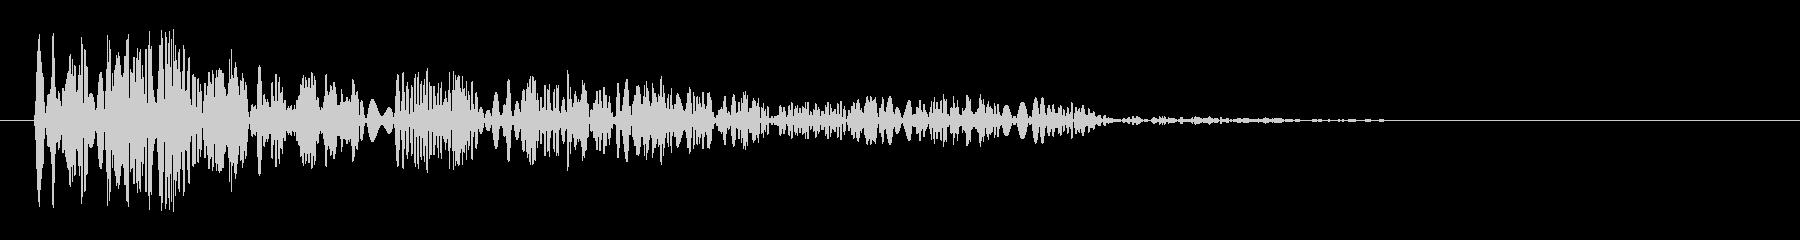 ブリュリュリュリュリュという急に止まる音の未再生の波形